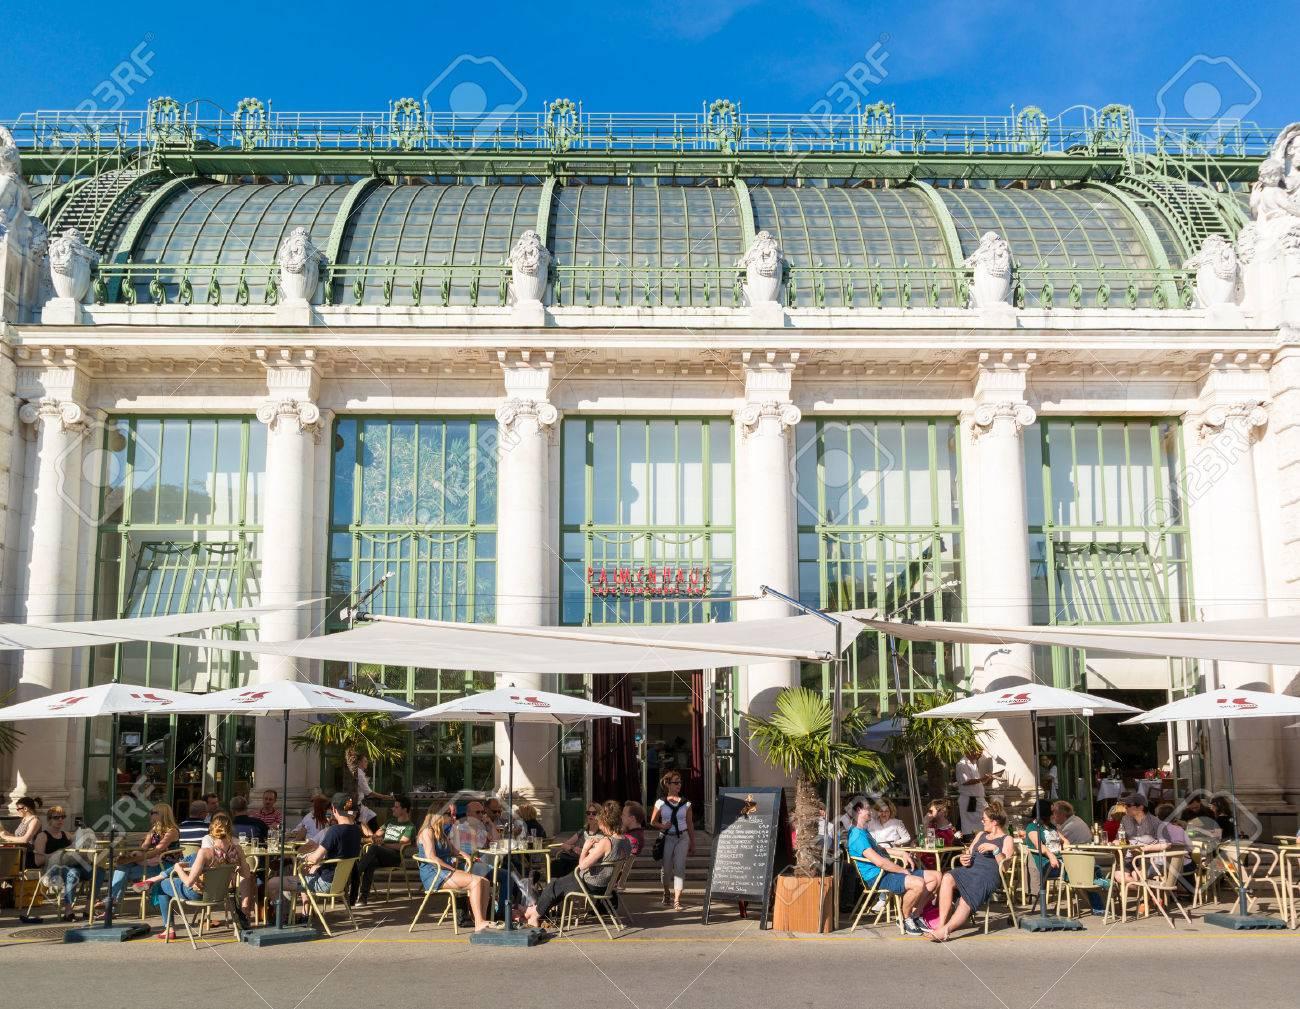 Terraza Al Aire Libre De La Casa De Palma Café Con La Gente En Burggarten Jardines En El Centro De Viena Austria